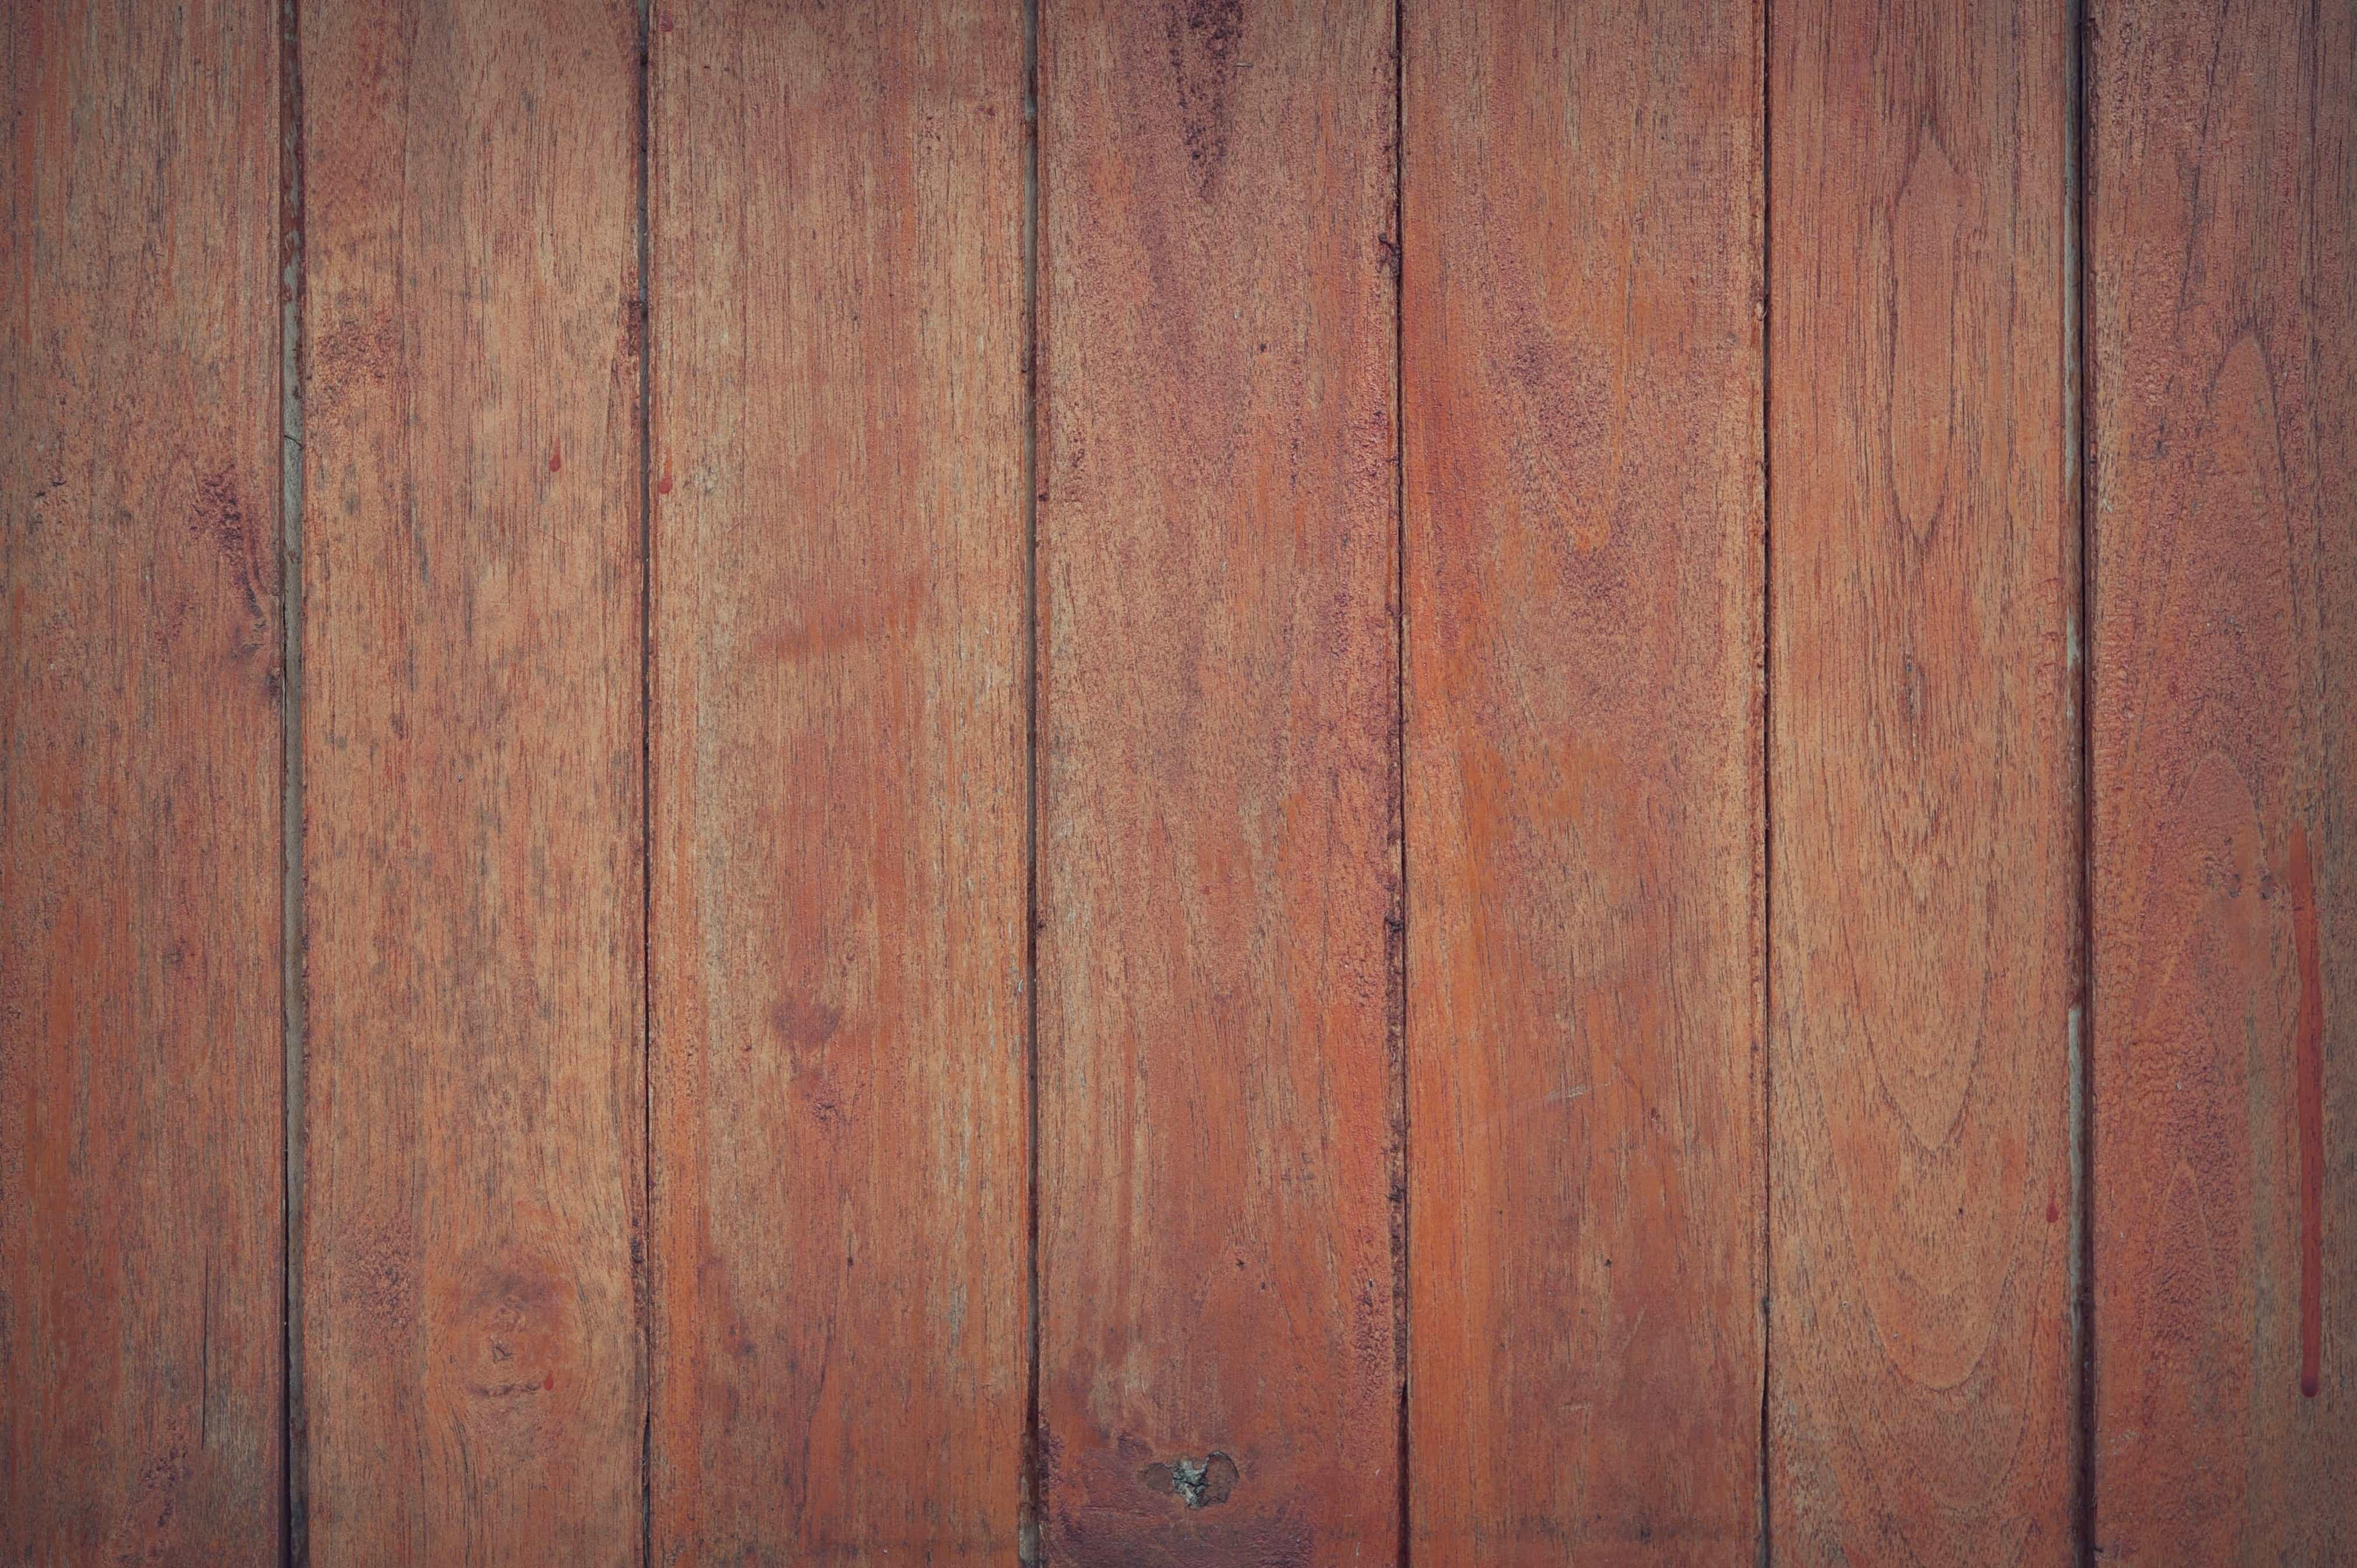 Kostenlose Bild Hartholz Wand Retro Boden Holz